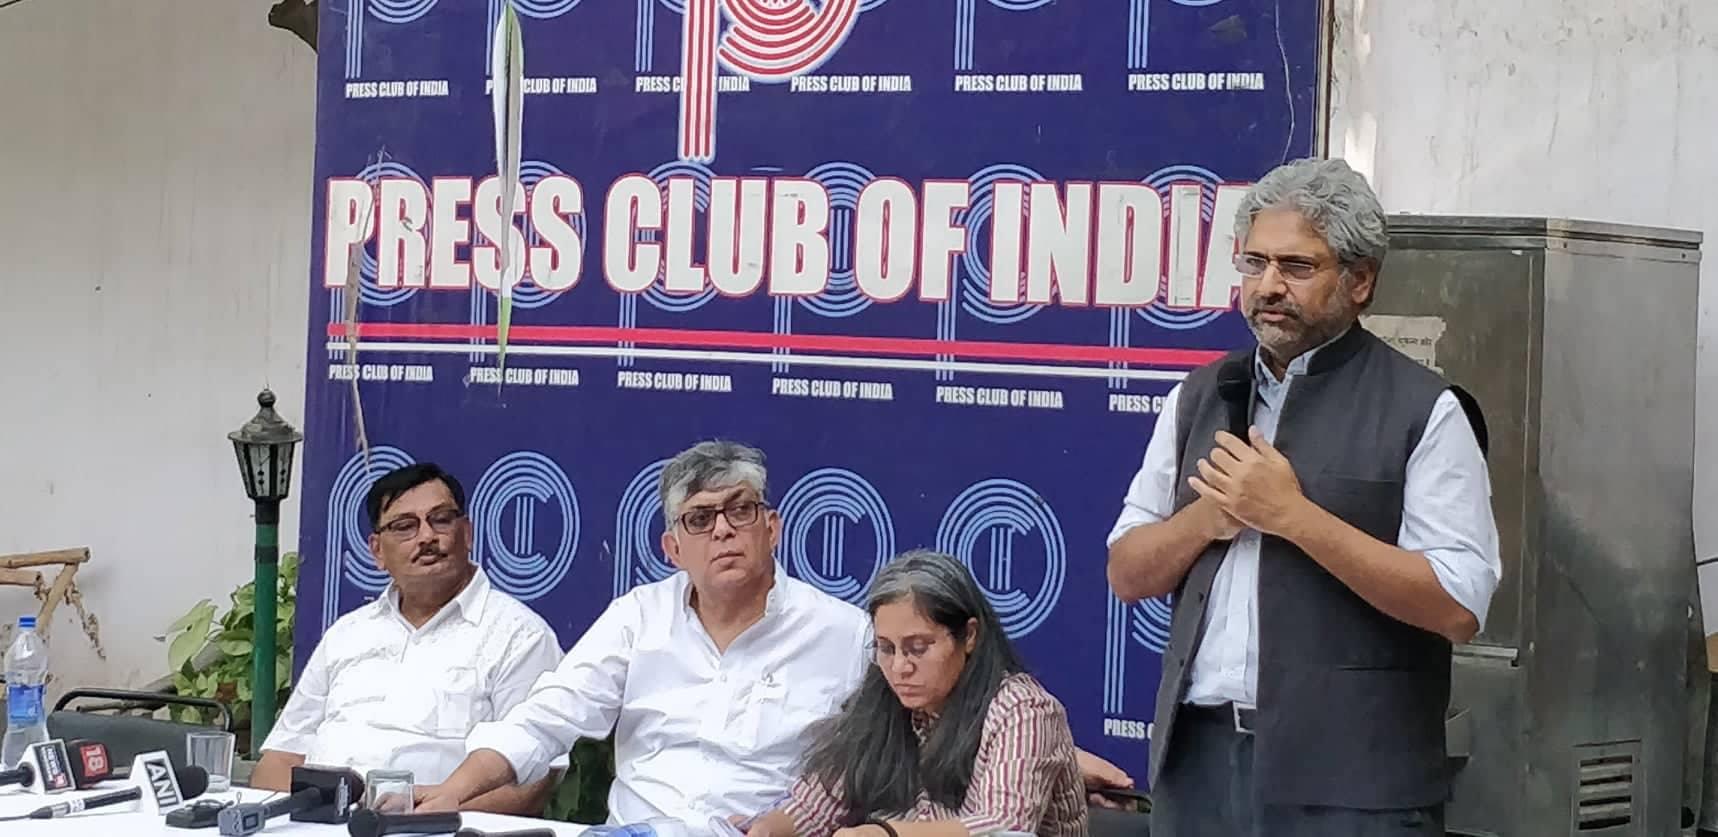 Press club.jpg 2